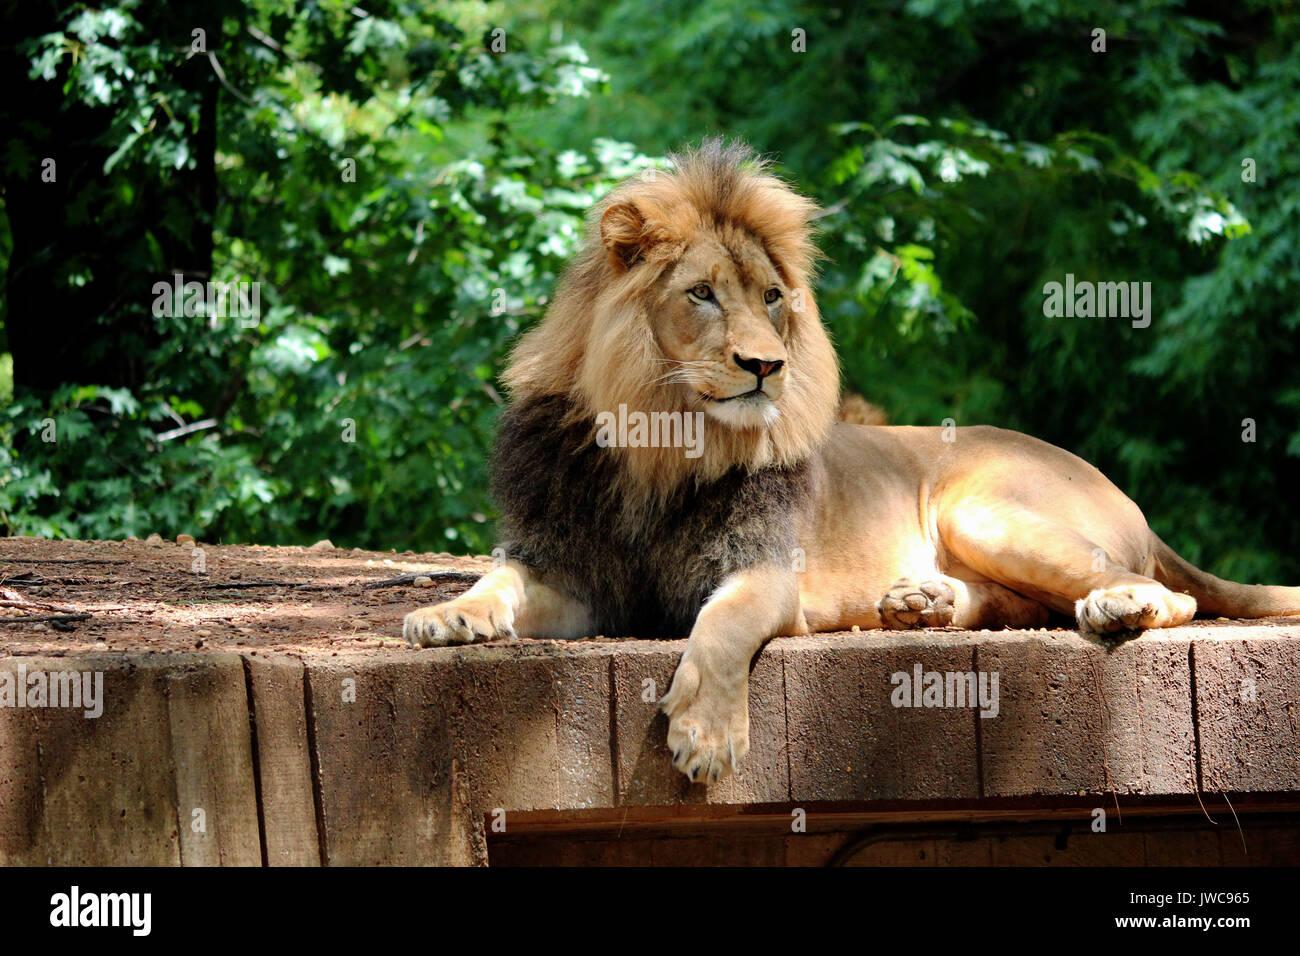 Ein Löwe, der sich in seinem Lebensraum mit einem grünen Hintergrund. Stockbild